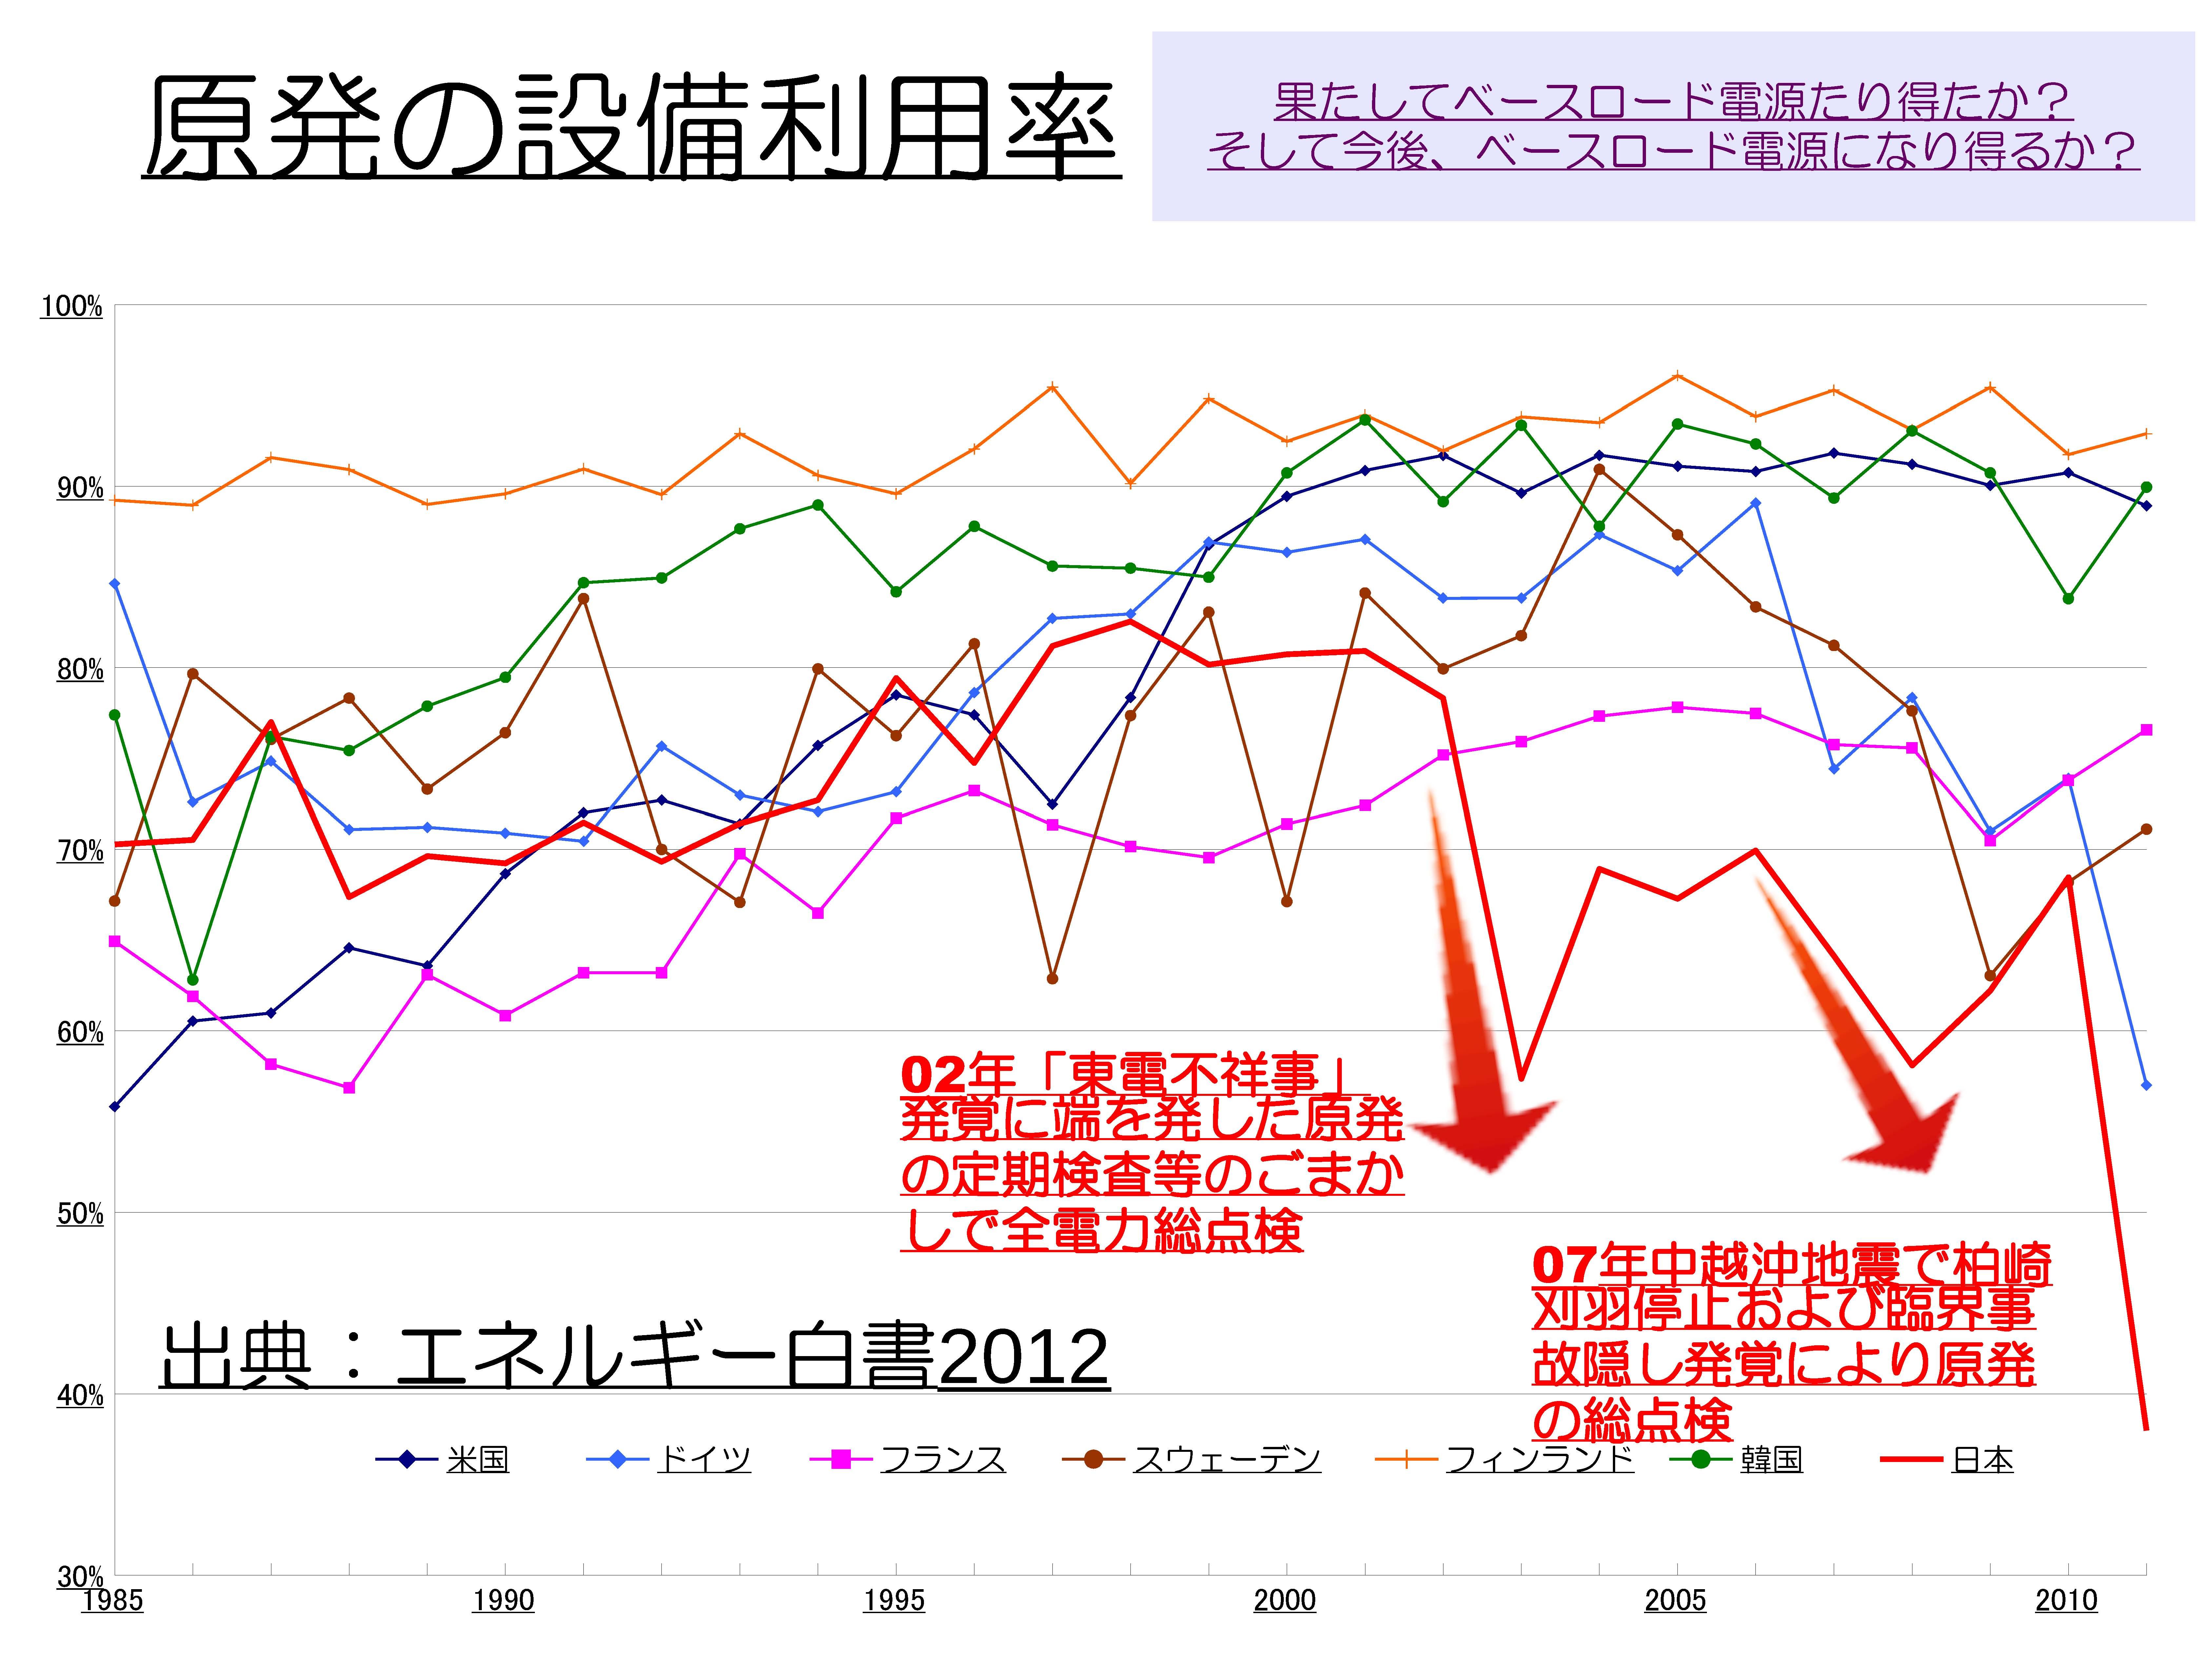 原発推進に利用される温暖化 出典:山崎さん資料より